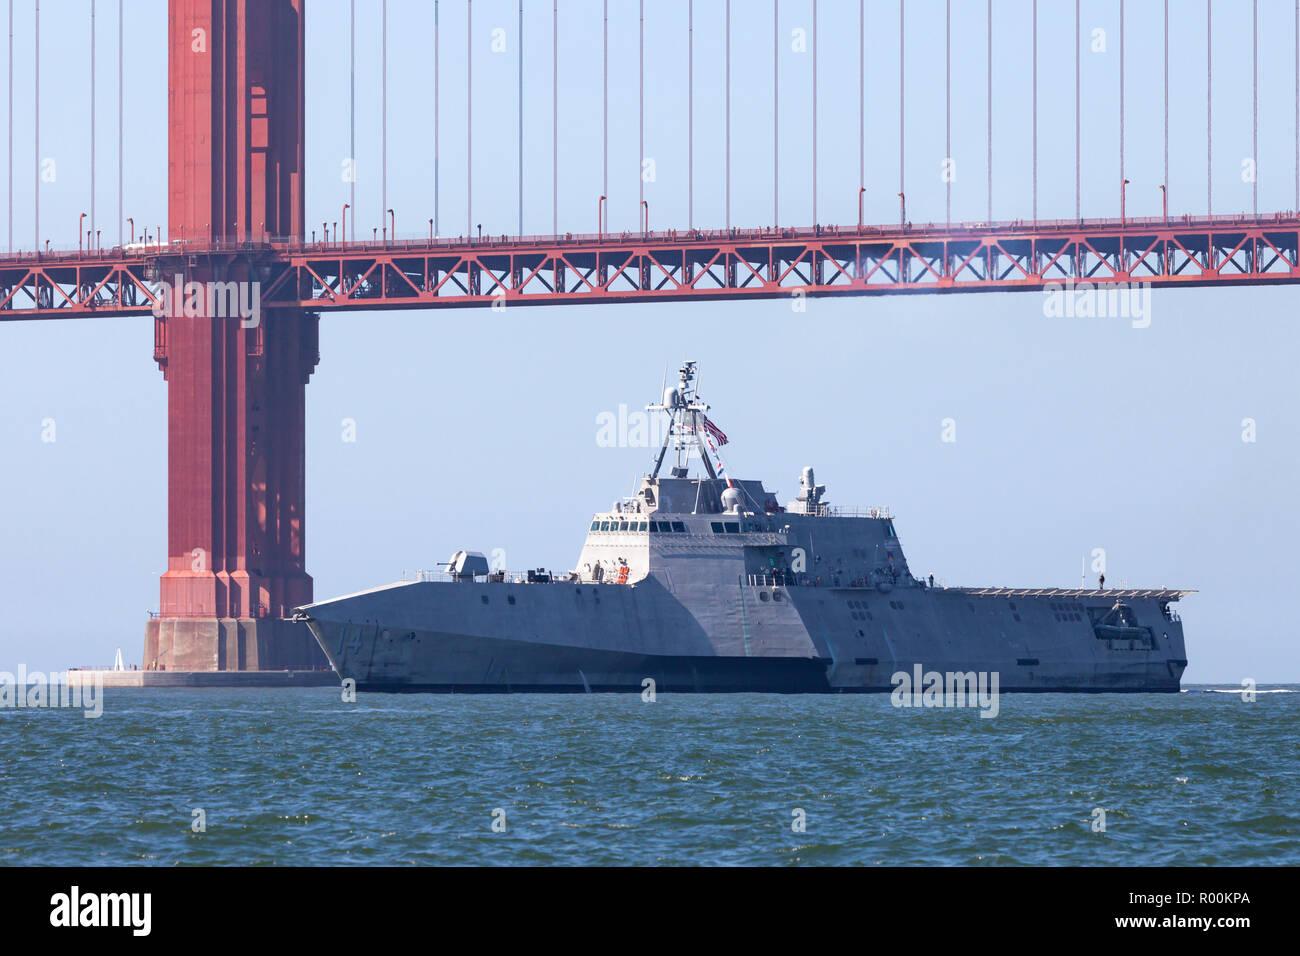 L'indépendance de combat littoral classe USS Manchester (LCS 14) entre dans la baie de San Francisco. Photo Stock